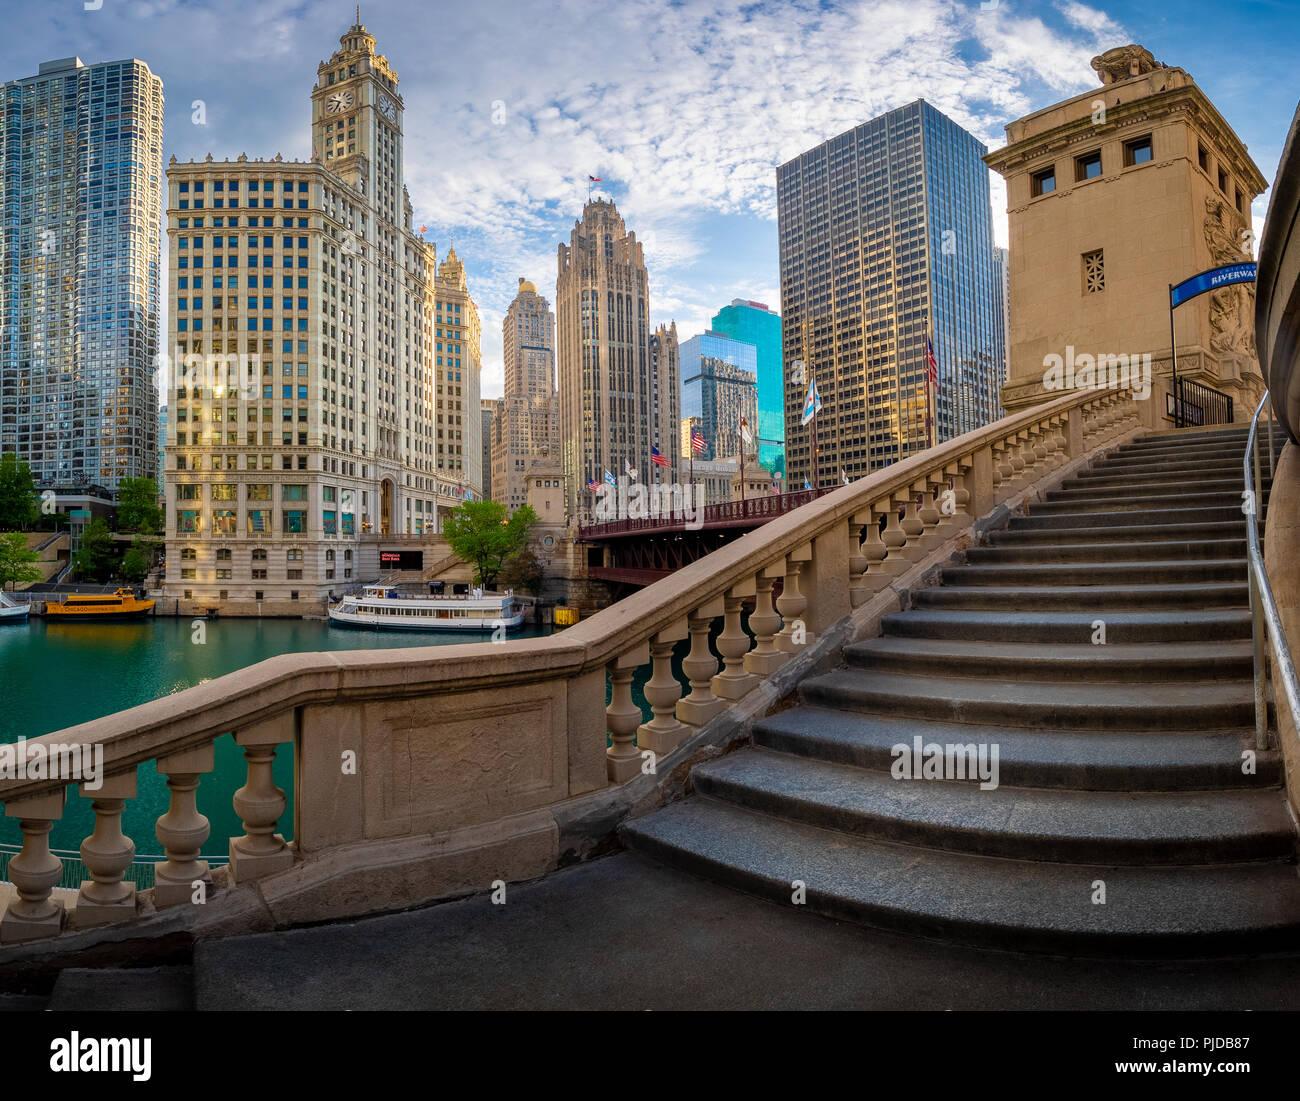 Chicago, une ville de l'Etat américain de l'Illinois, est la troisième ville la plus peuplée des États-Unis. Photo Stock